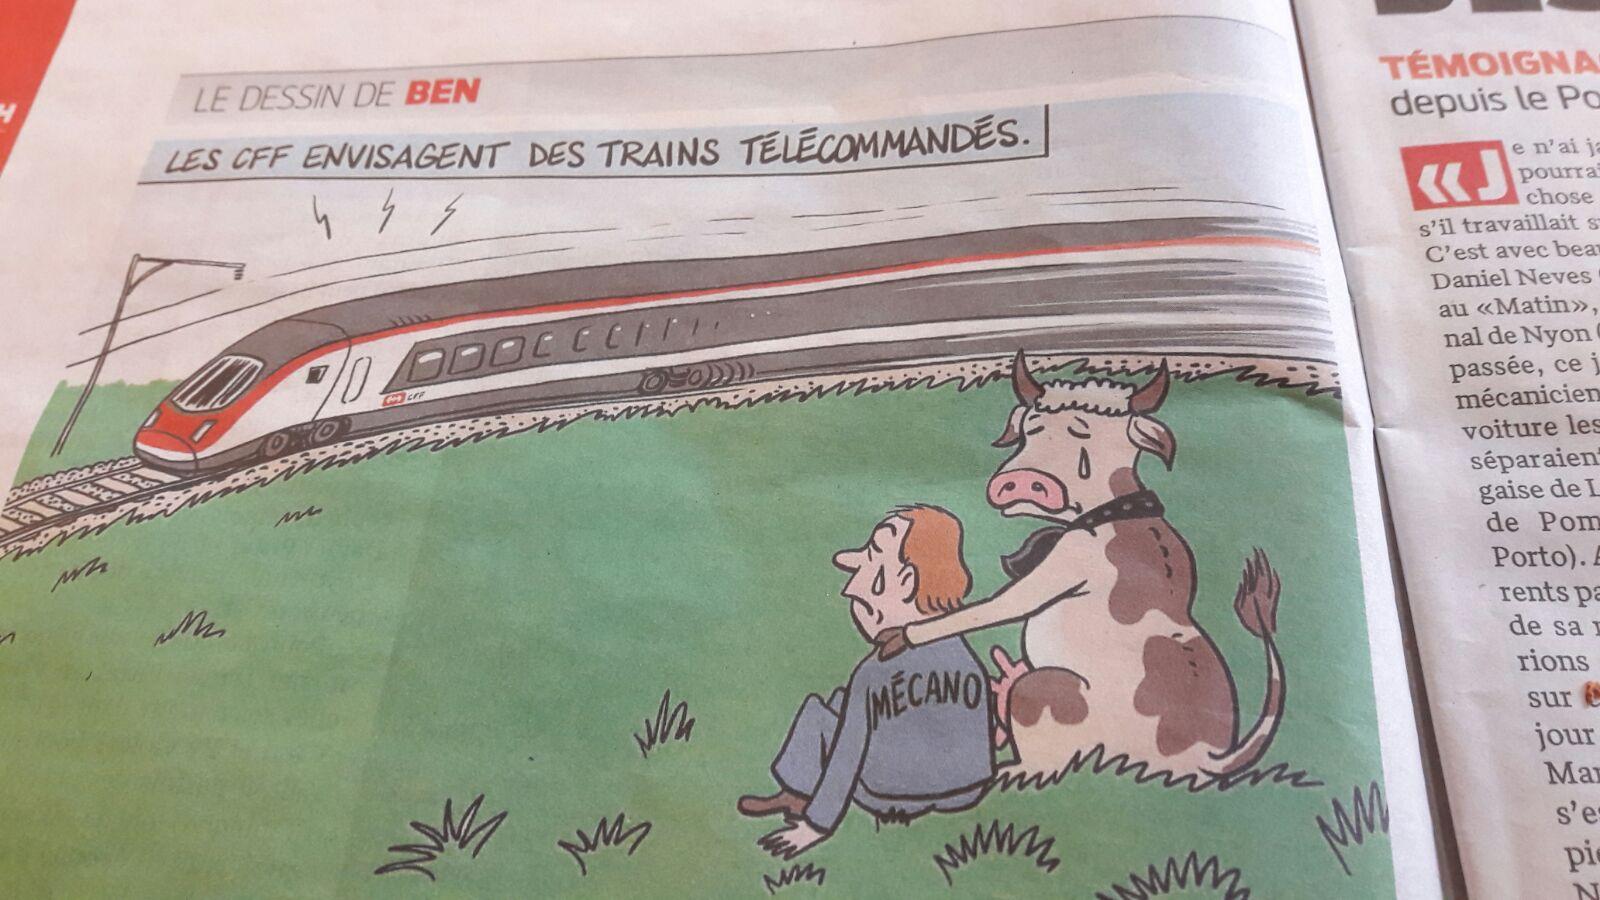 trains-sans-conducteurs-le-matin.jpg